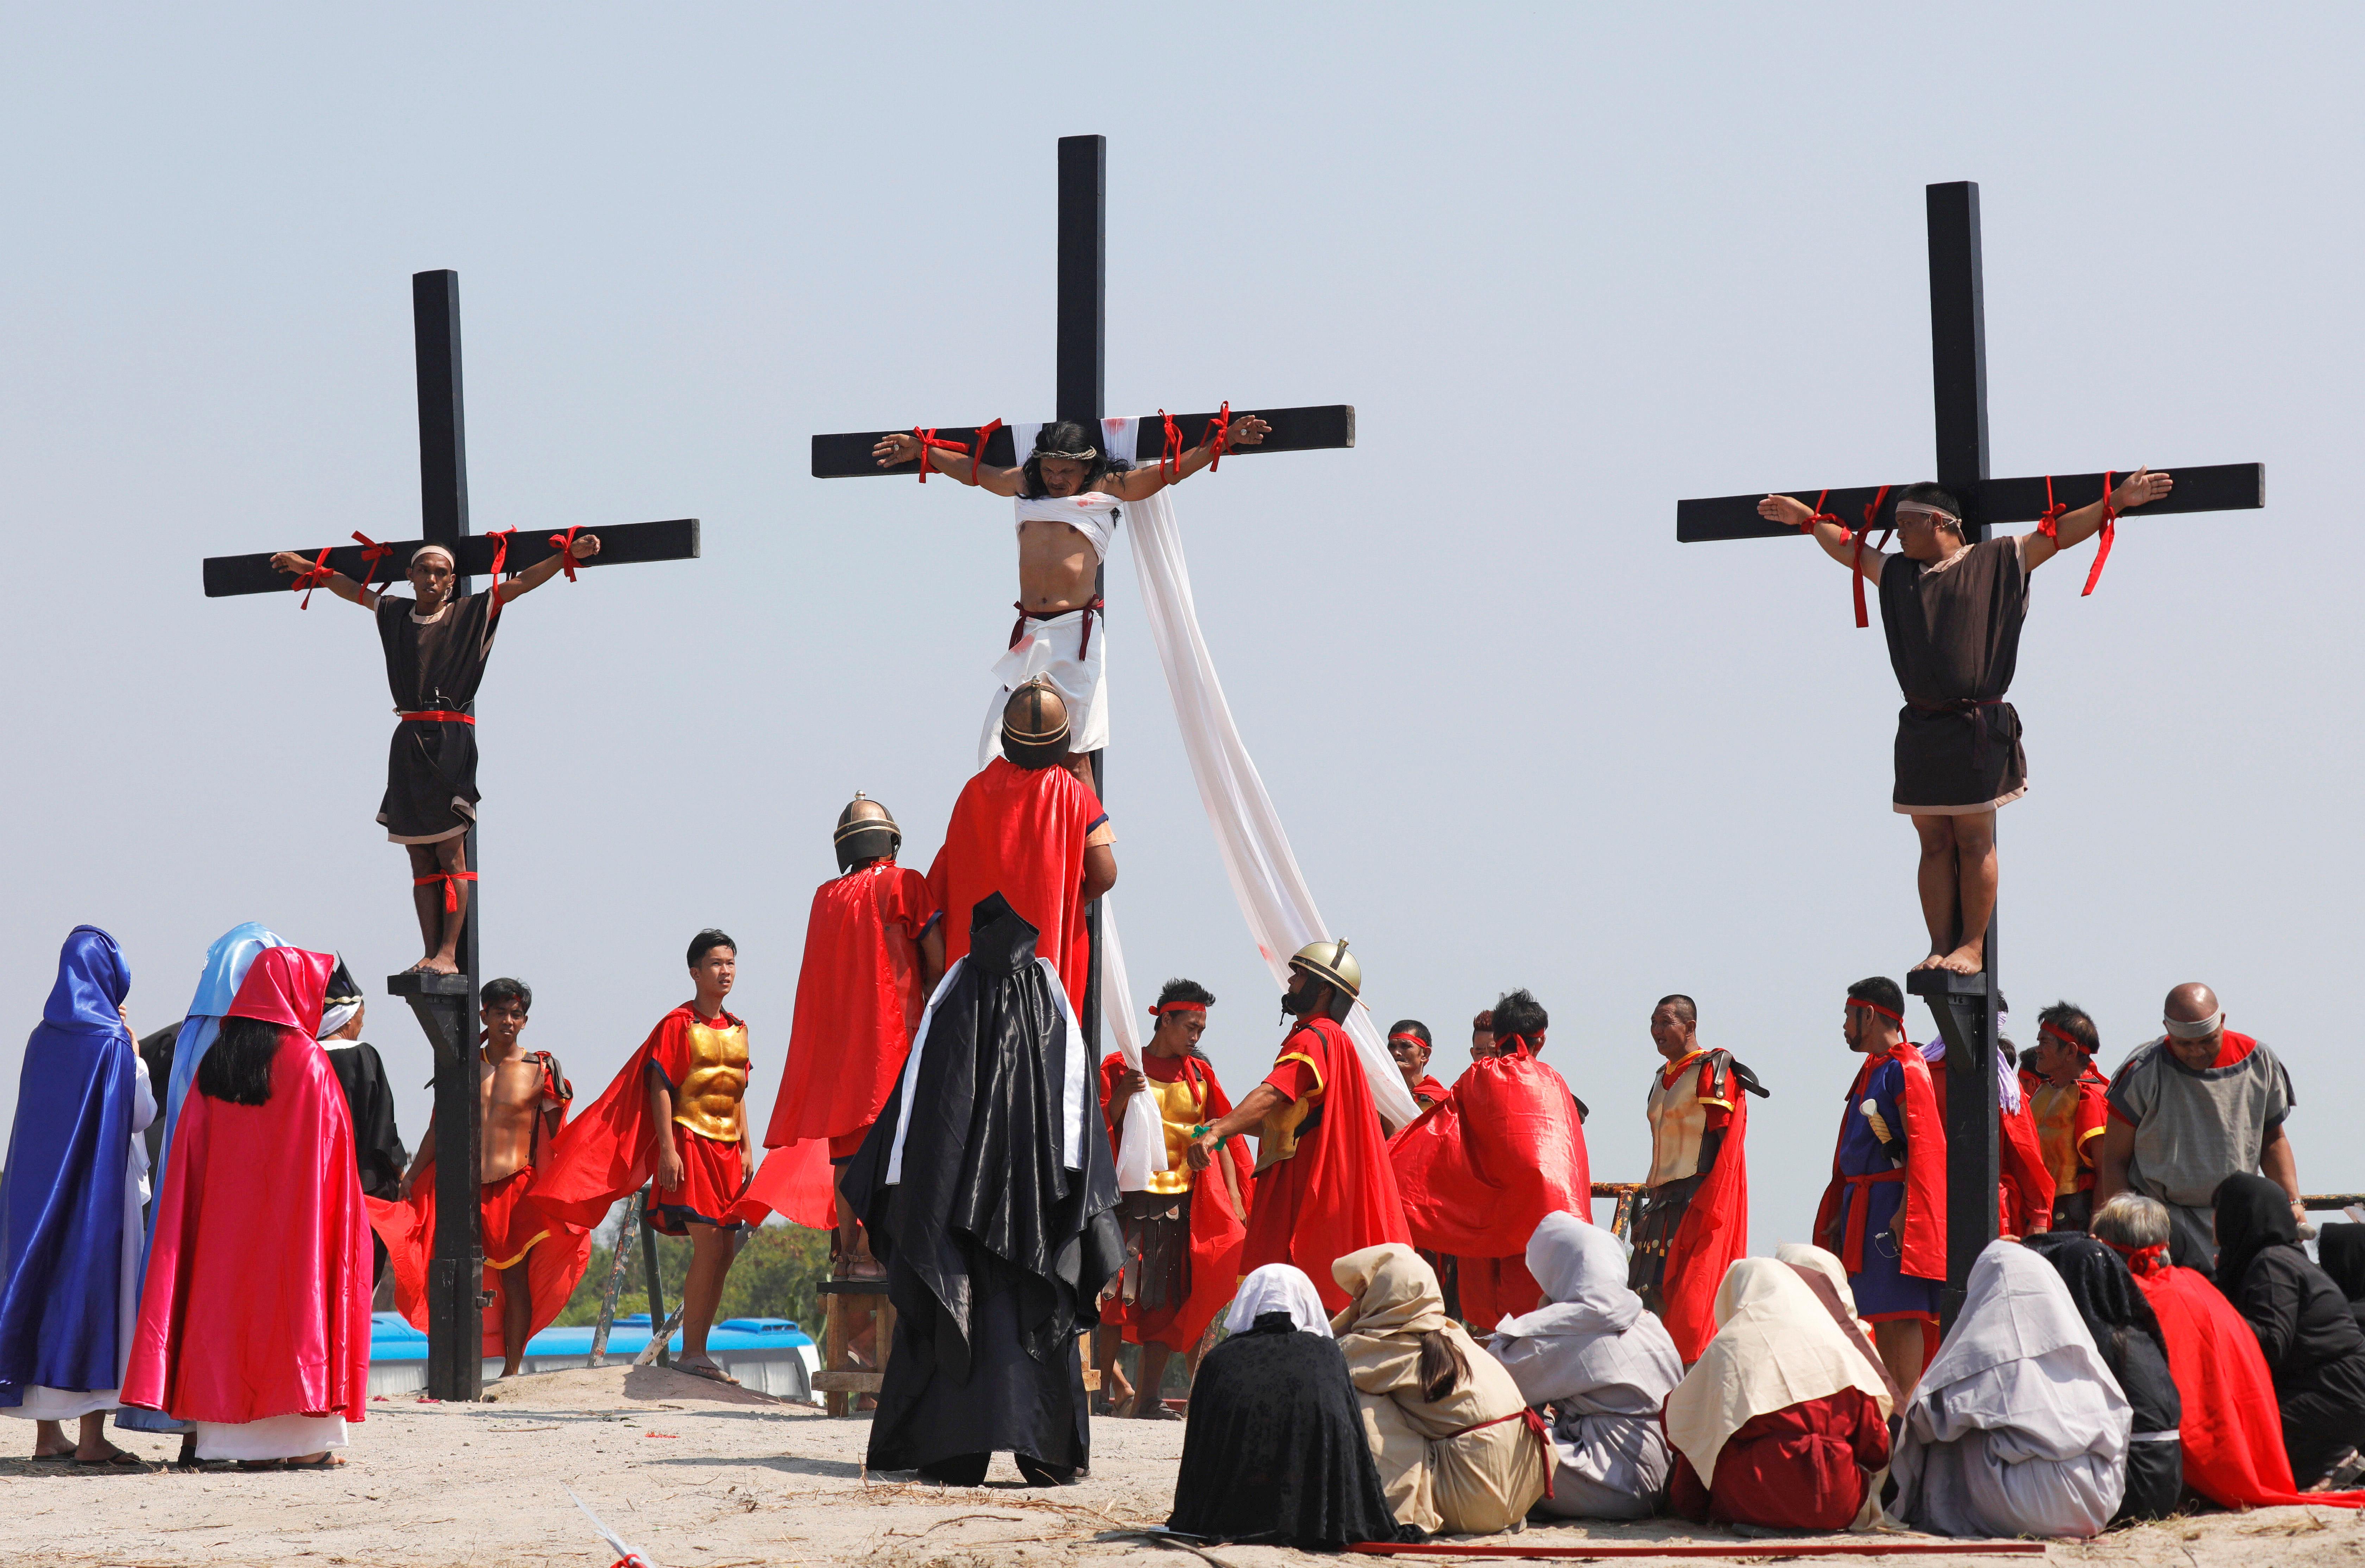 احتفالات الجمعة العظيمة فى الفلبين (1)